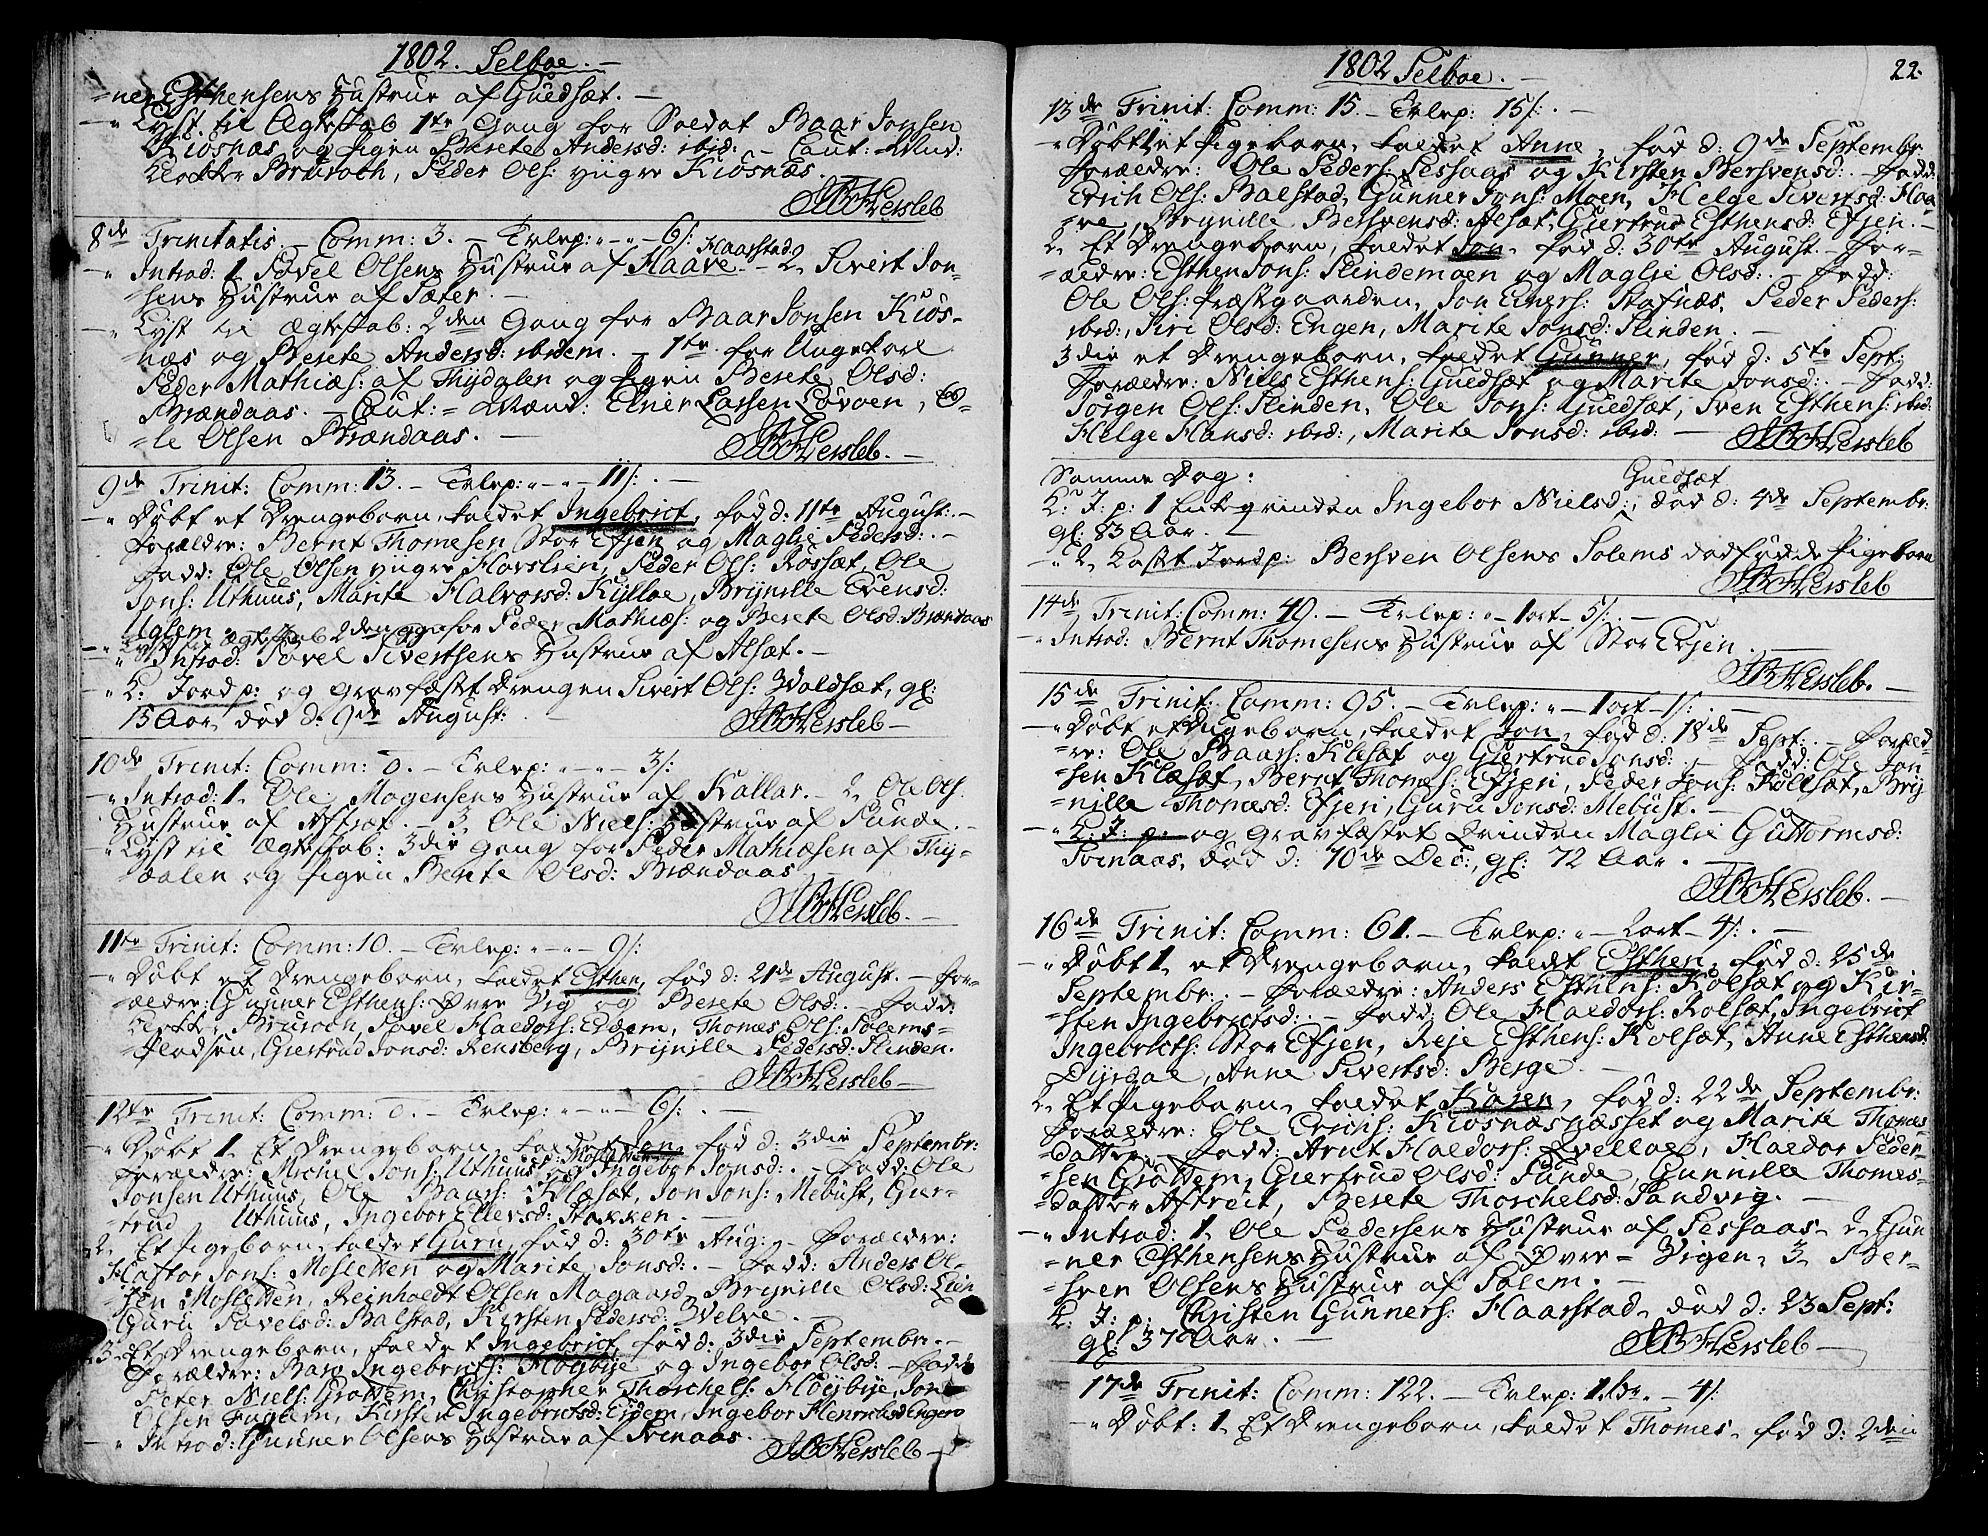 SAT, Ministerialprotokoller, klokkerbøker og fødselsregistre - Sør-Trøndelag, 695/L1140: Ministerialbok nr. 695A03, 1801-1815, s. 22